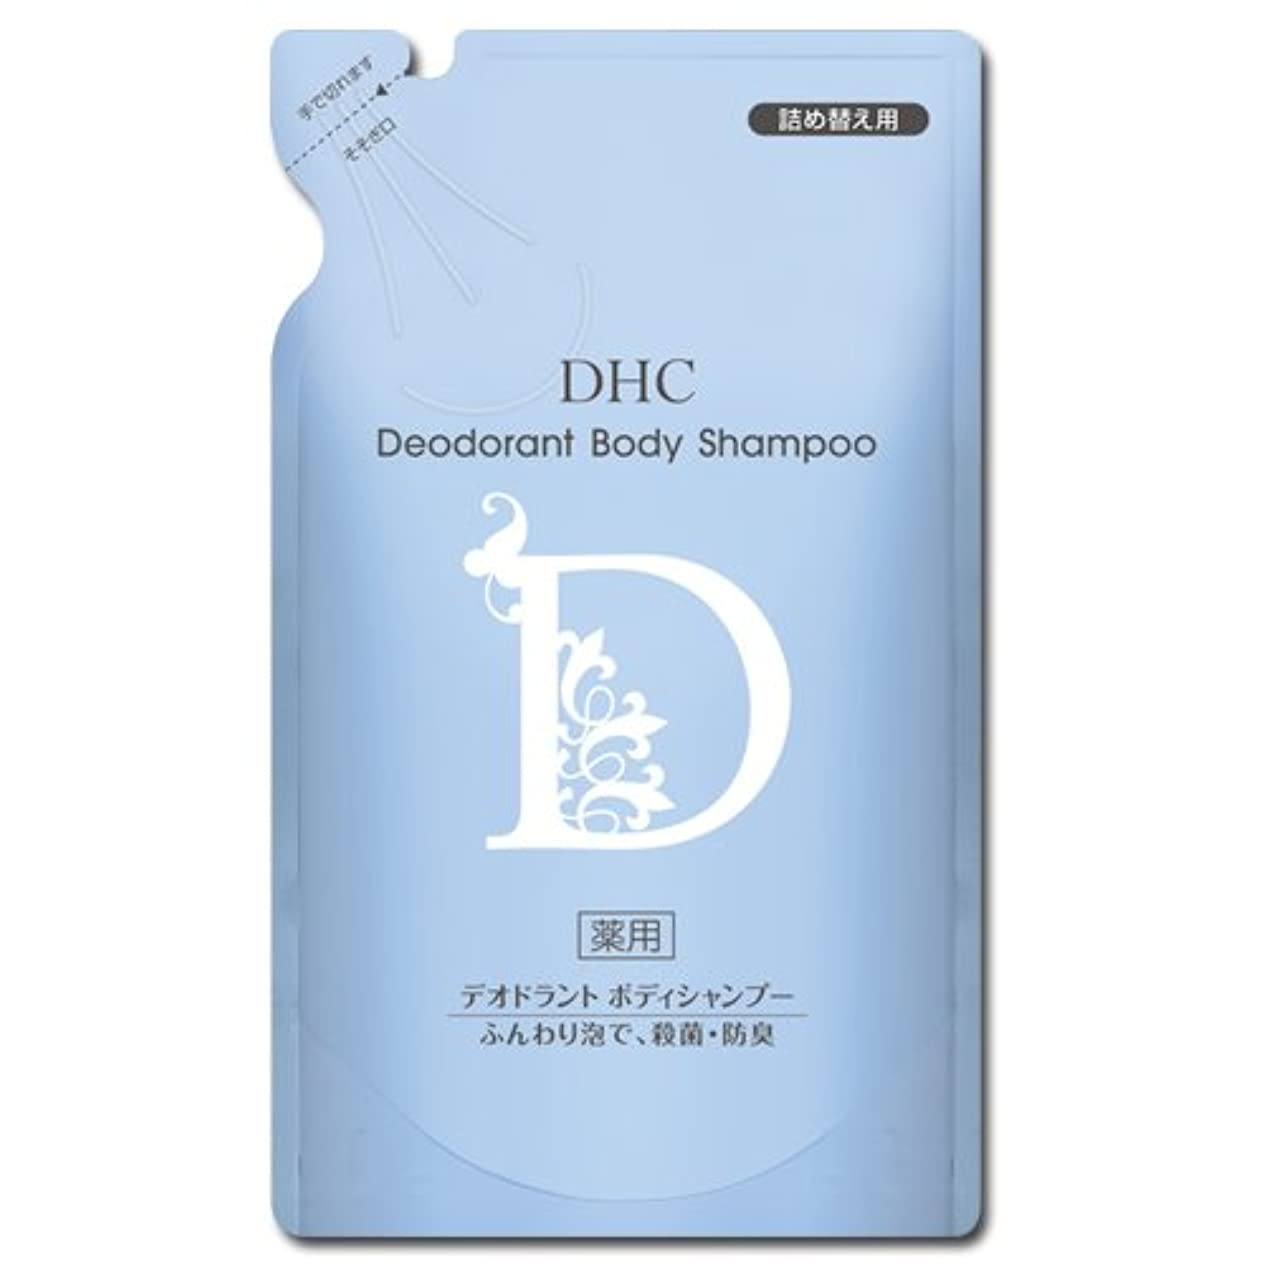 空慈悲持続的【医薬部外品】DHC薬用デオドラント ボディシャンプー 詰め替え用